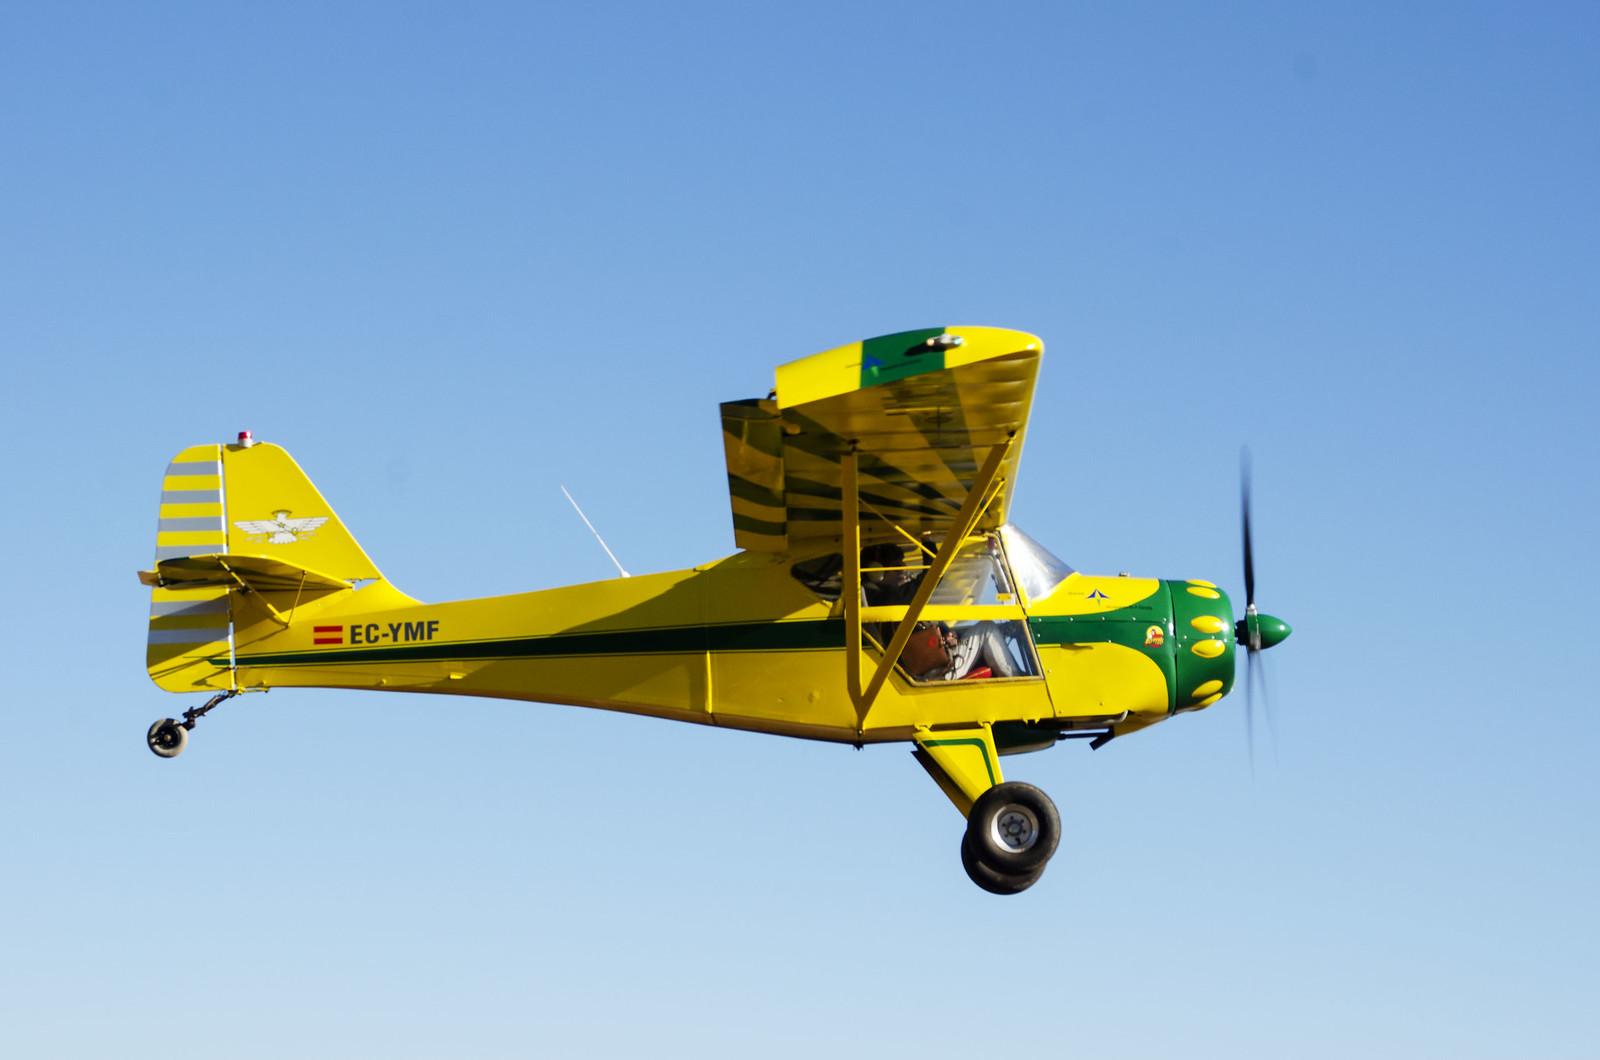 Vuelo Roberto Jabiru UL-450 Aerodromo Kitfox vuelo Astorga (178)